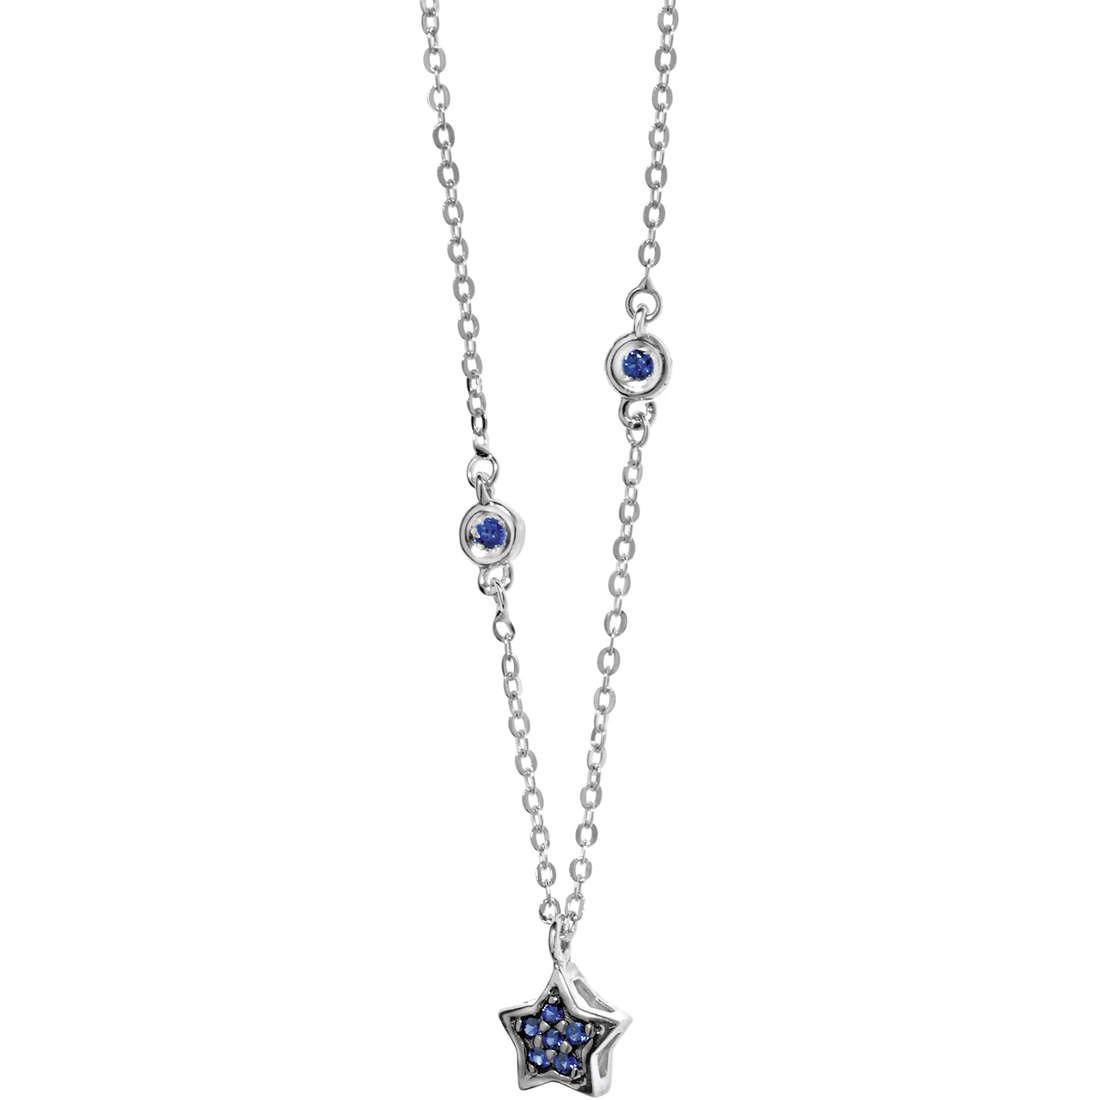 collana donna gioielli Comete Pietre preziose colorate GLB 889